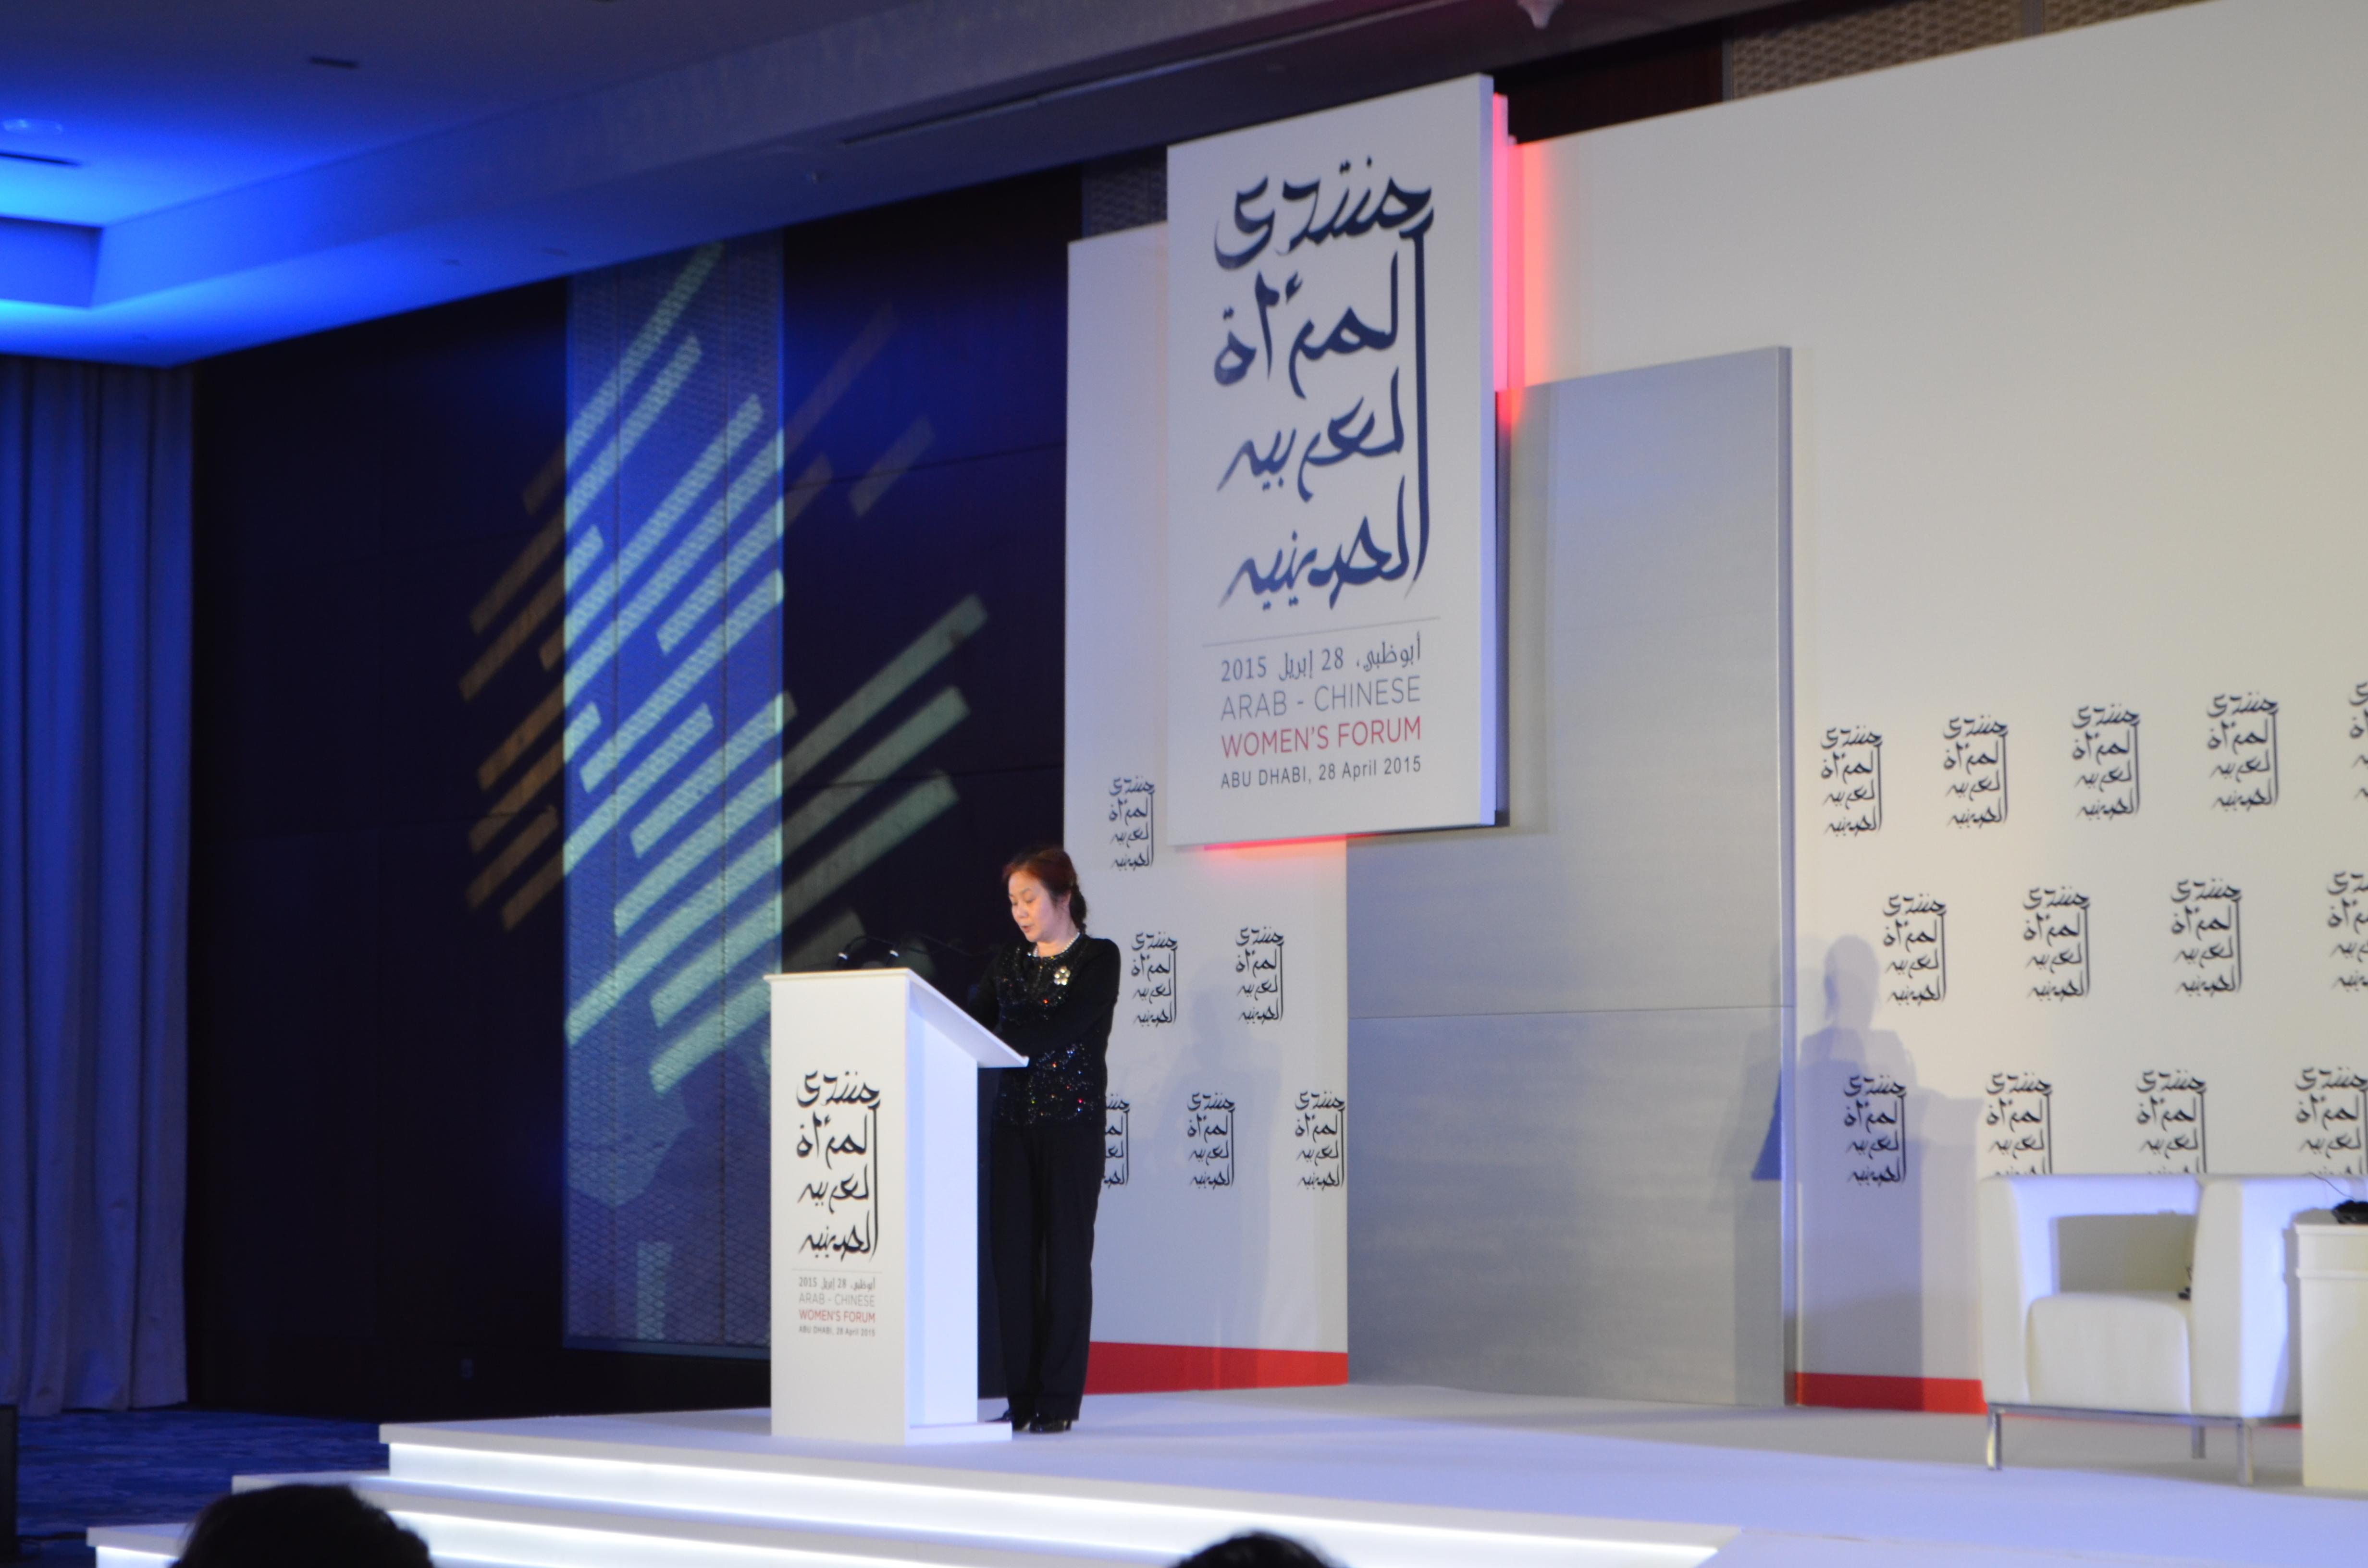 منتدى المرأة العربية- الصينية 2015/ أرشيف